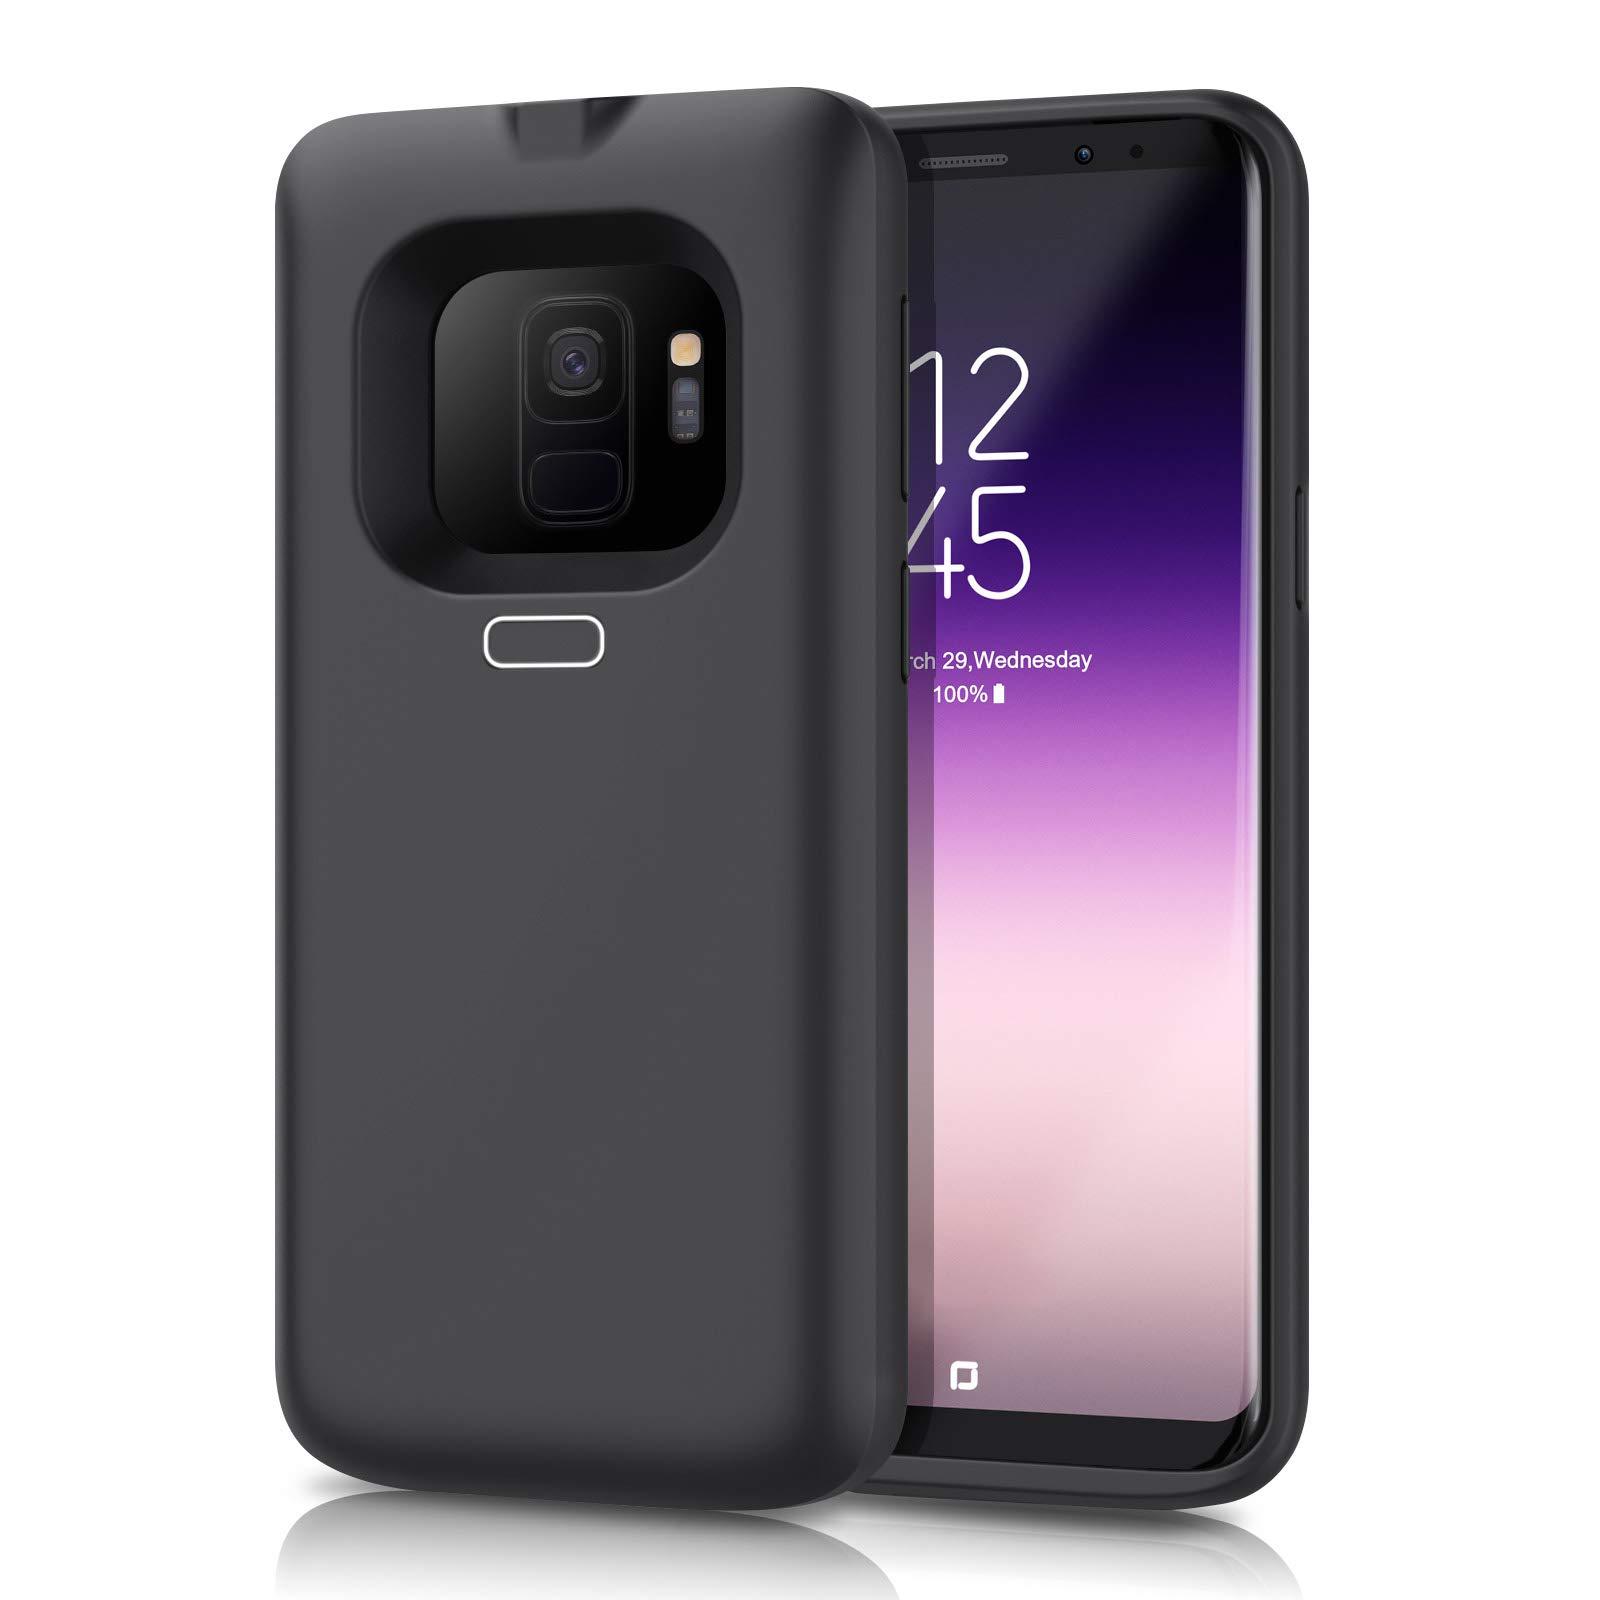 Funda Con Bateria De 5500mah Para Samsung Galaxy S9 Feob [7kjdj3pw]